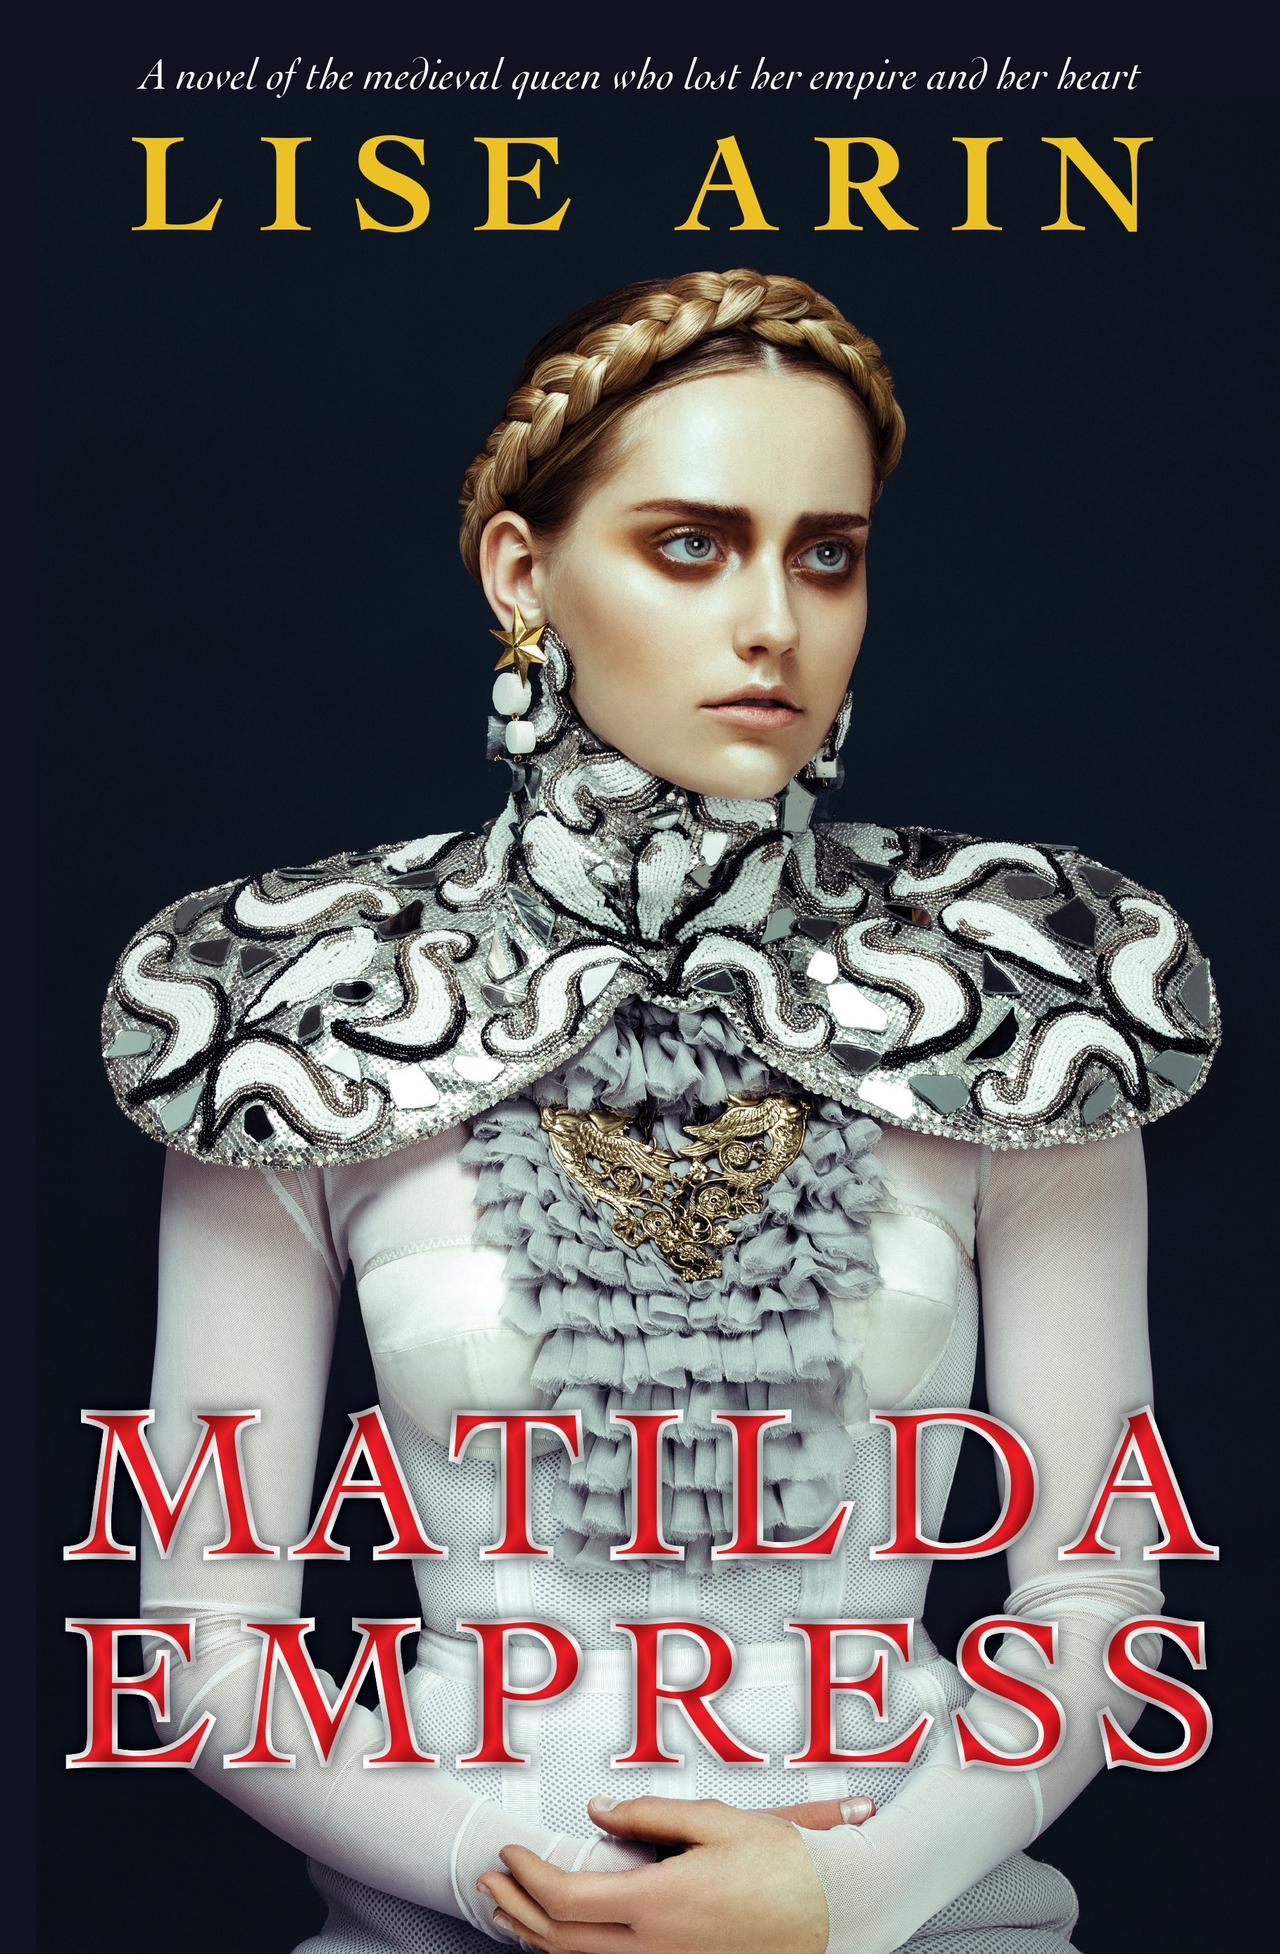 Matilda empress front cover rgb 300dpi